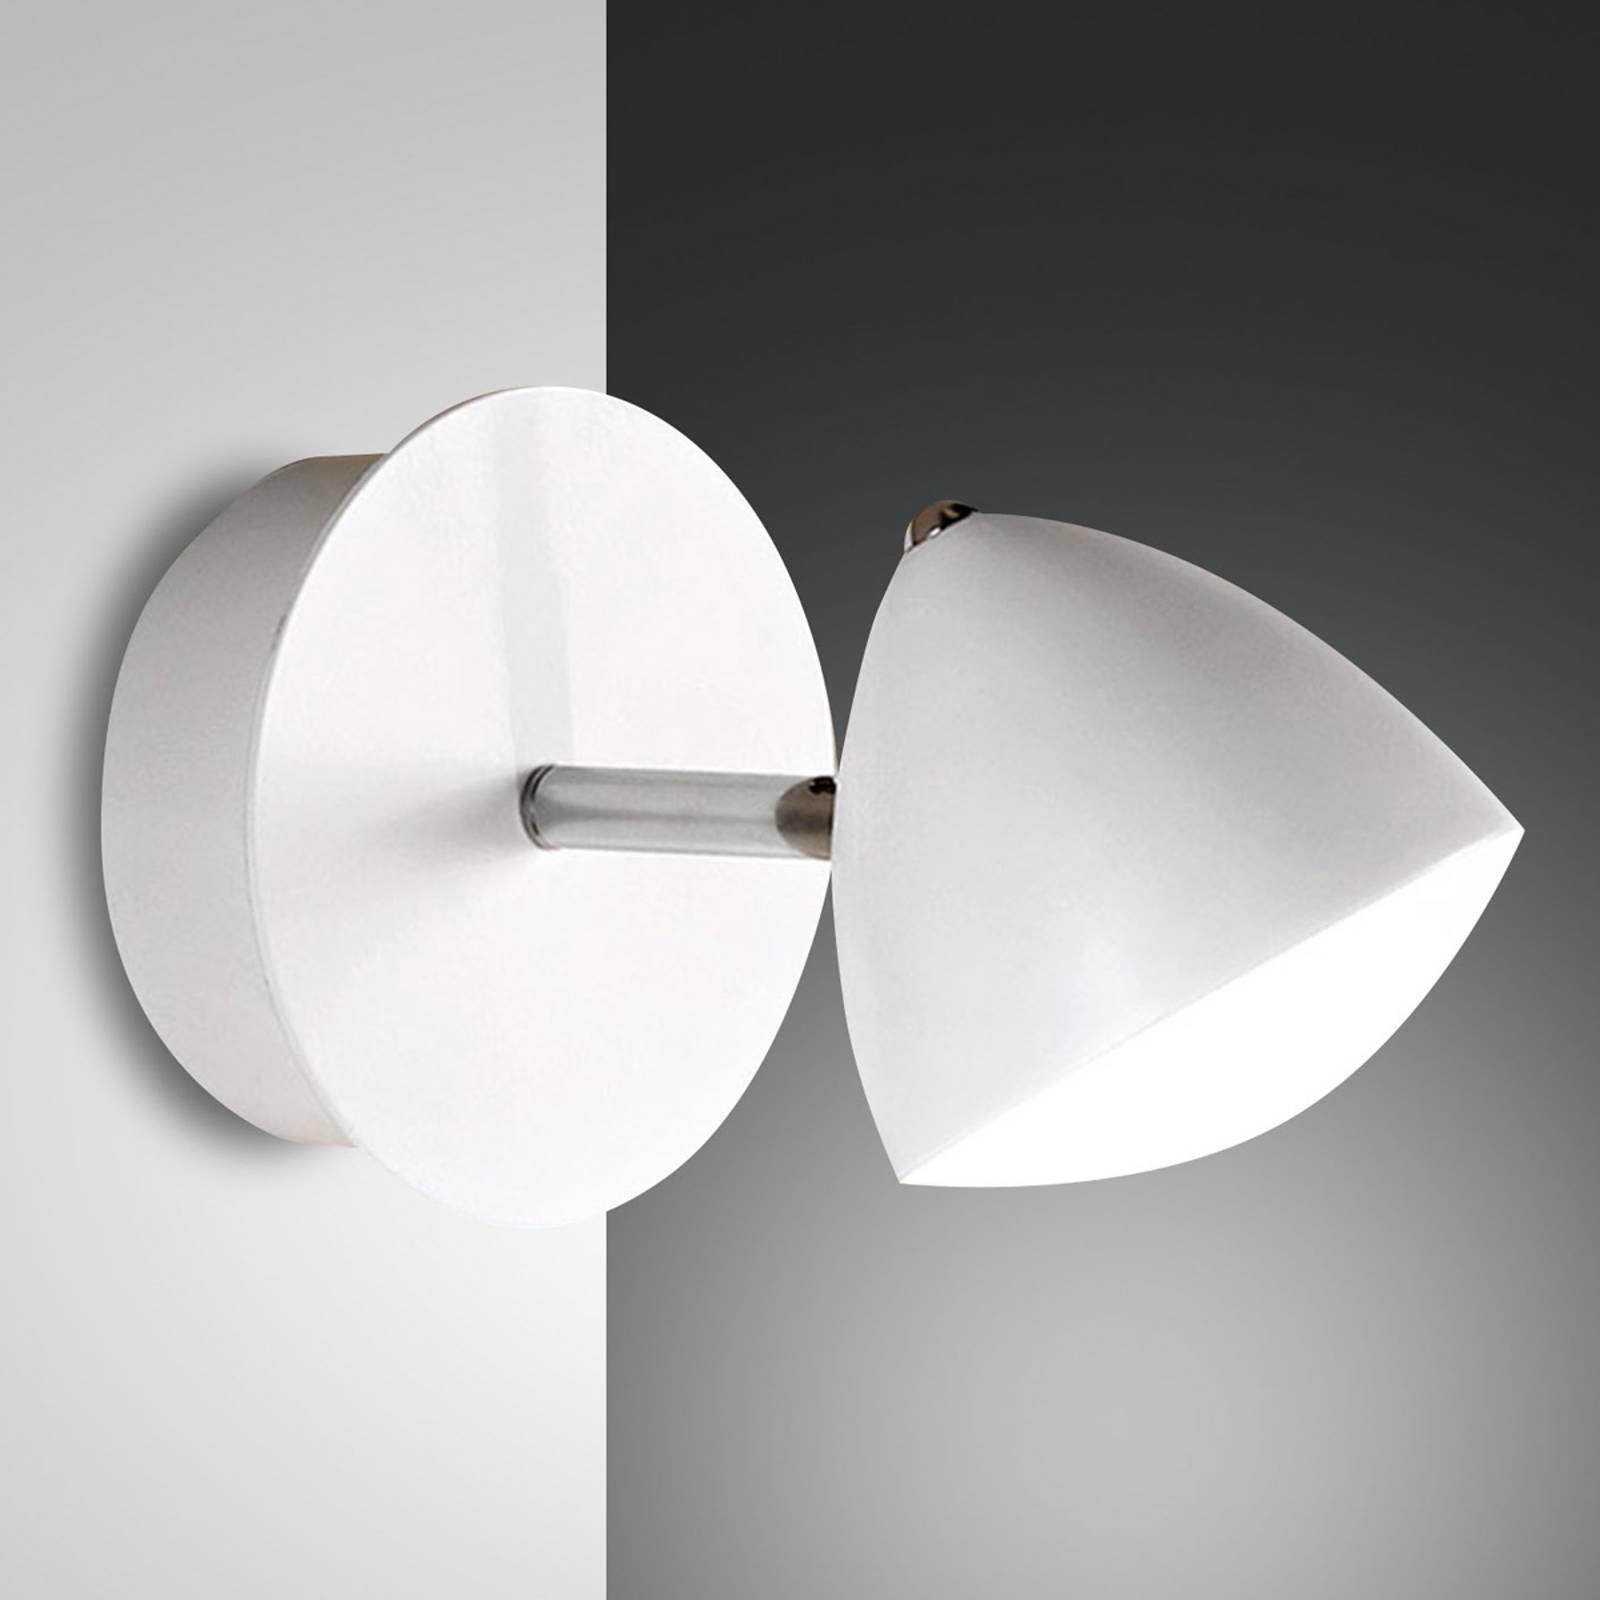 Liten LED-taklampe Bike i retrolook